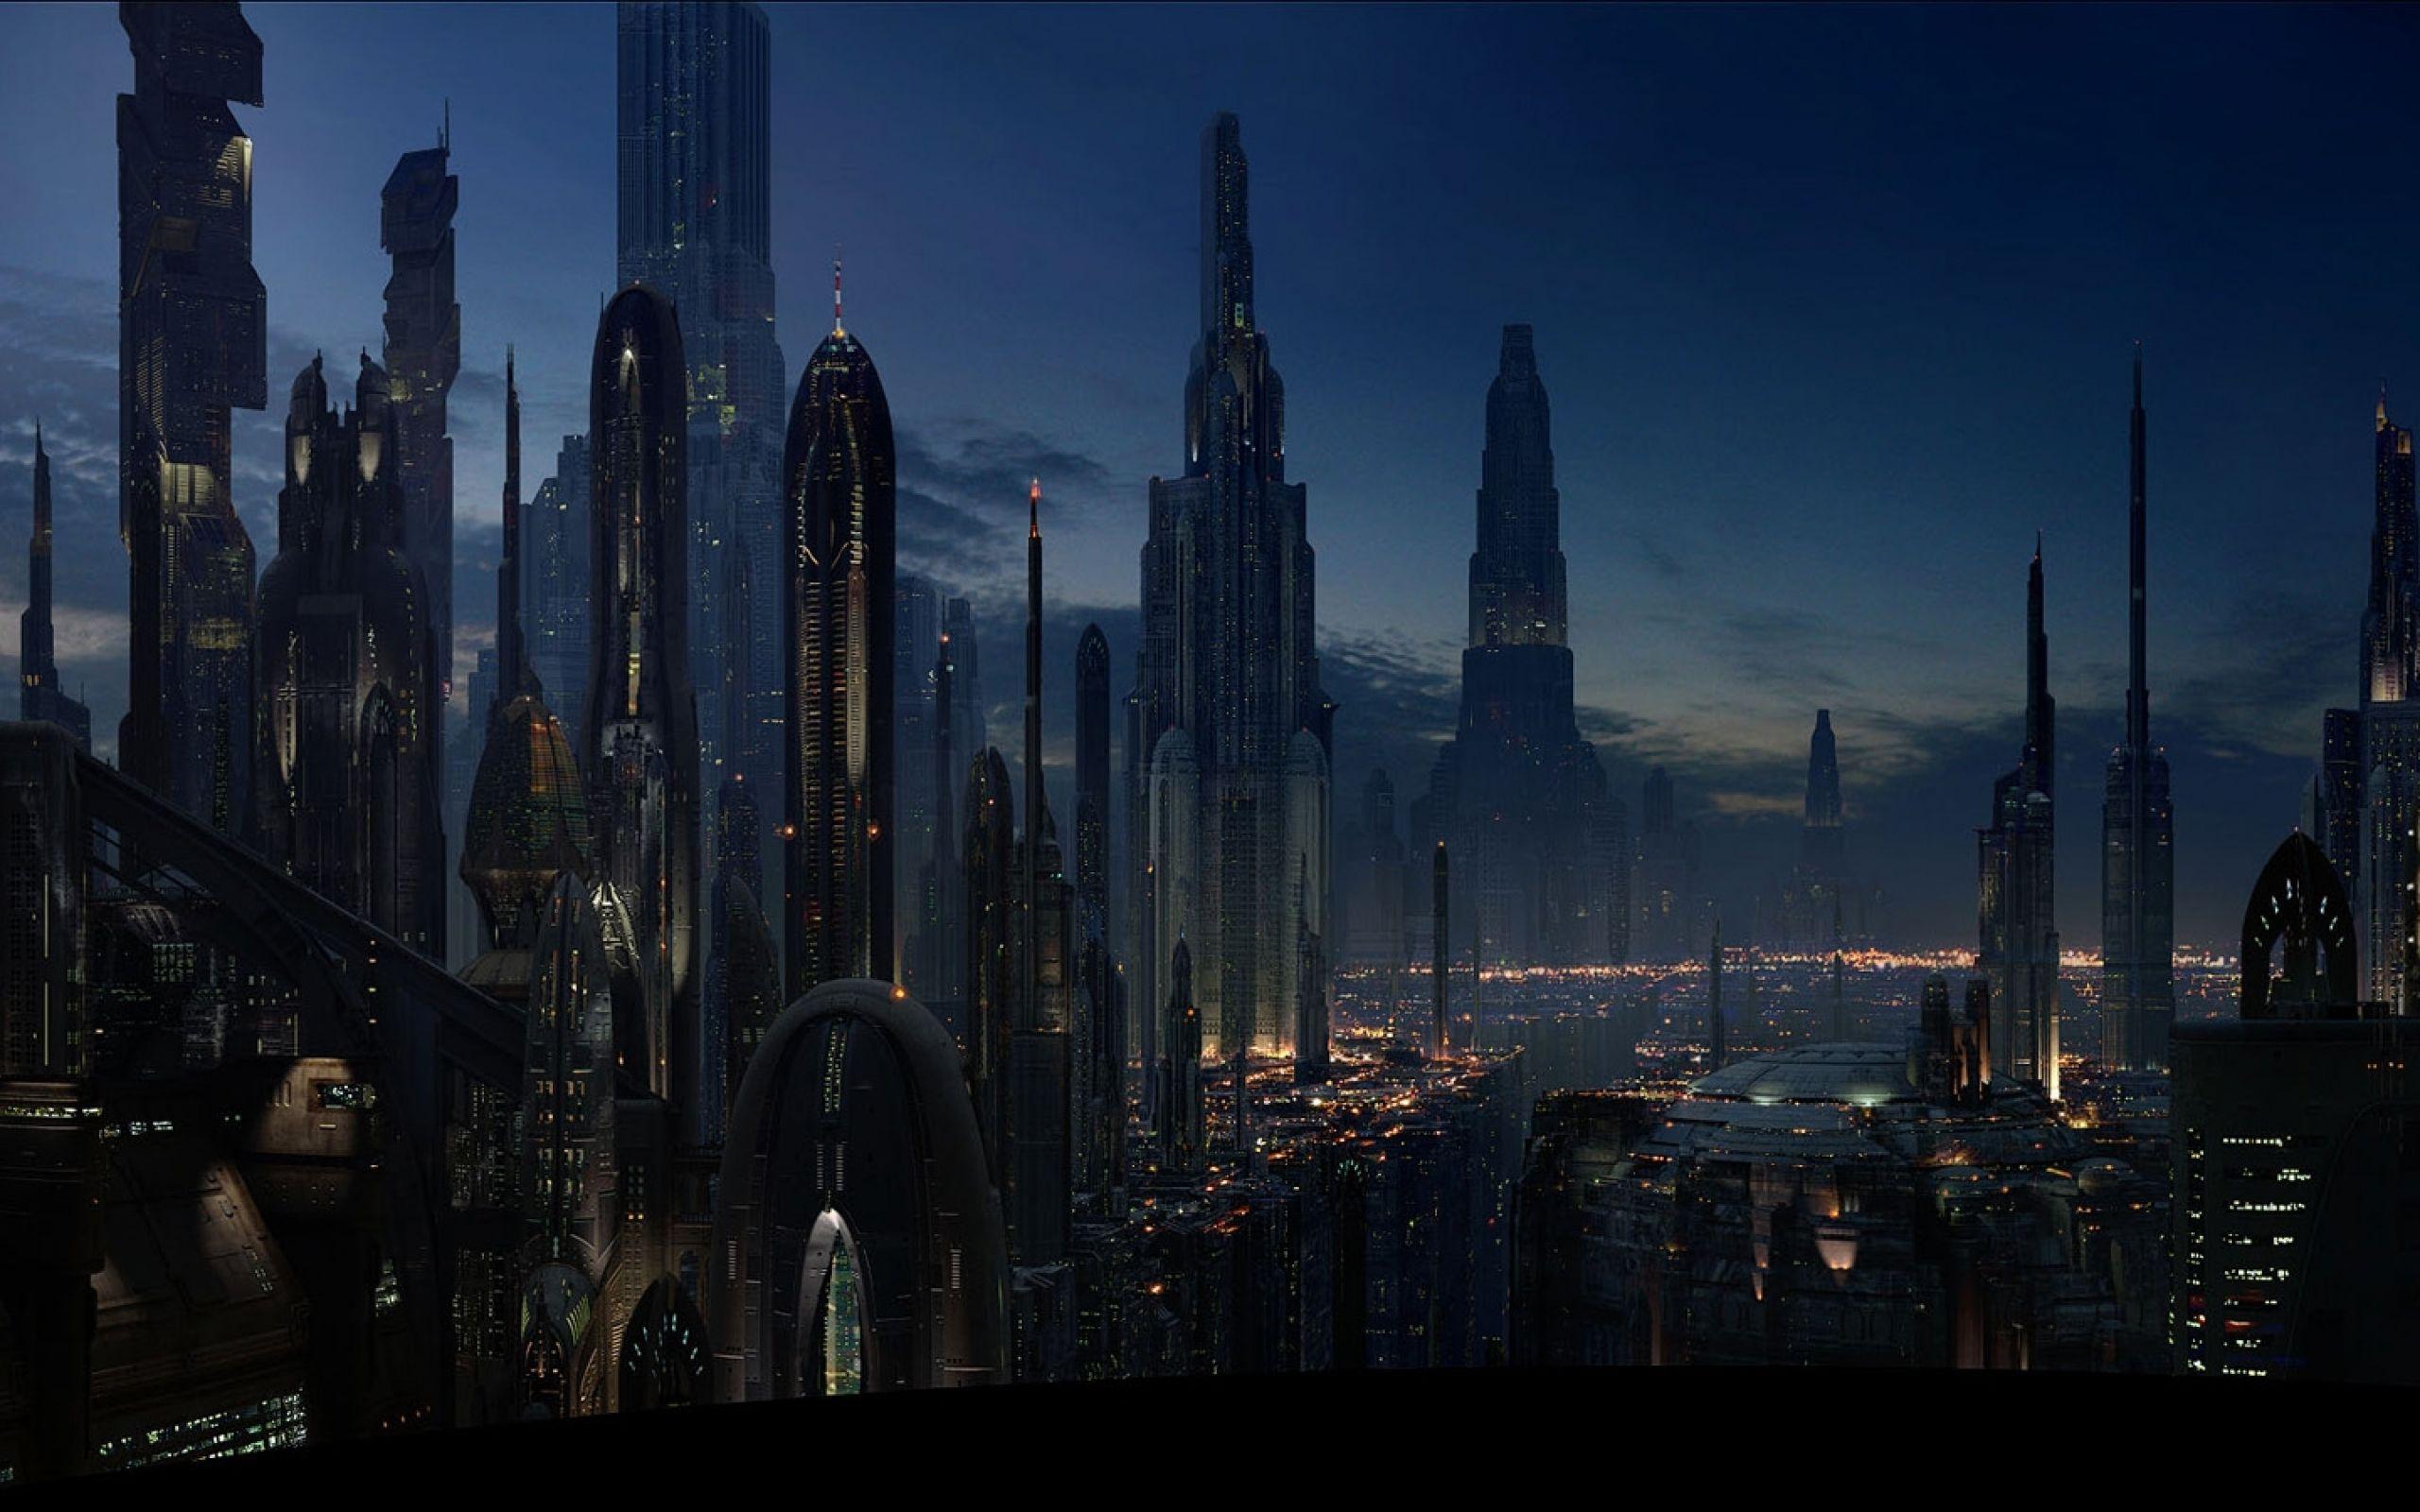 star-wars-landscape-hd-coruscant-2560-1600-star-wars-24716355-2560